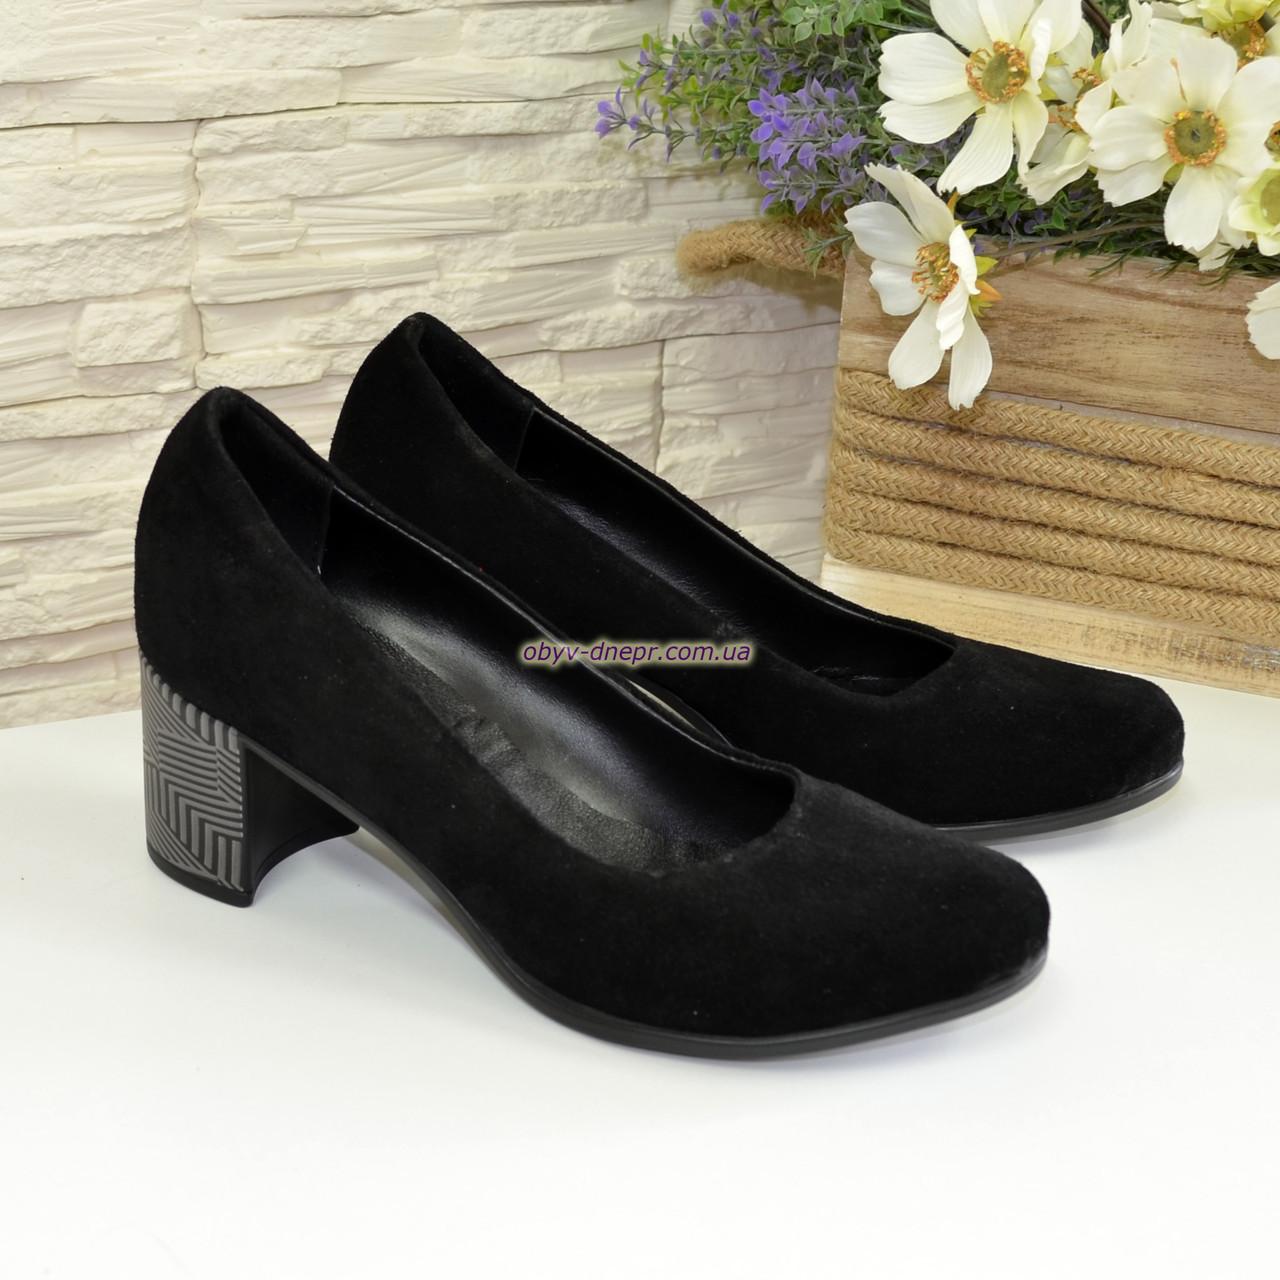 """Туфли женские замшевые на устойчивом каблуке. ТМ """"Maestro"""""""